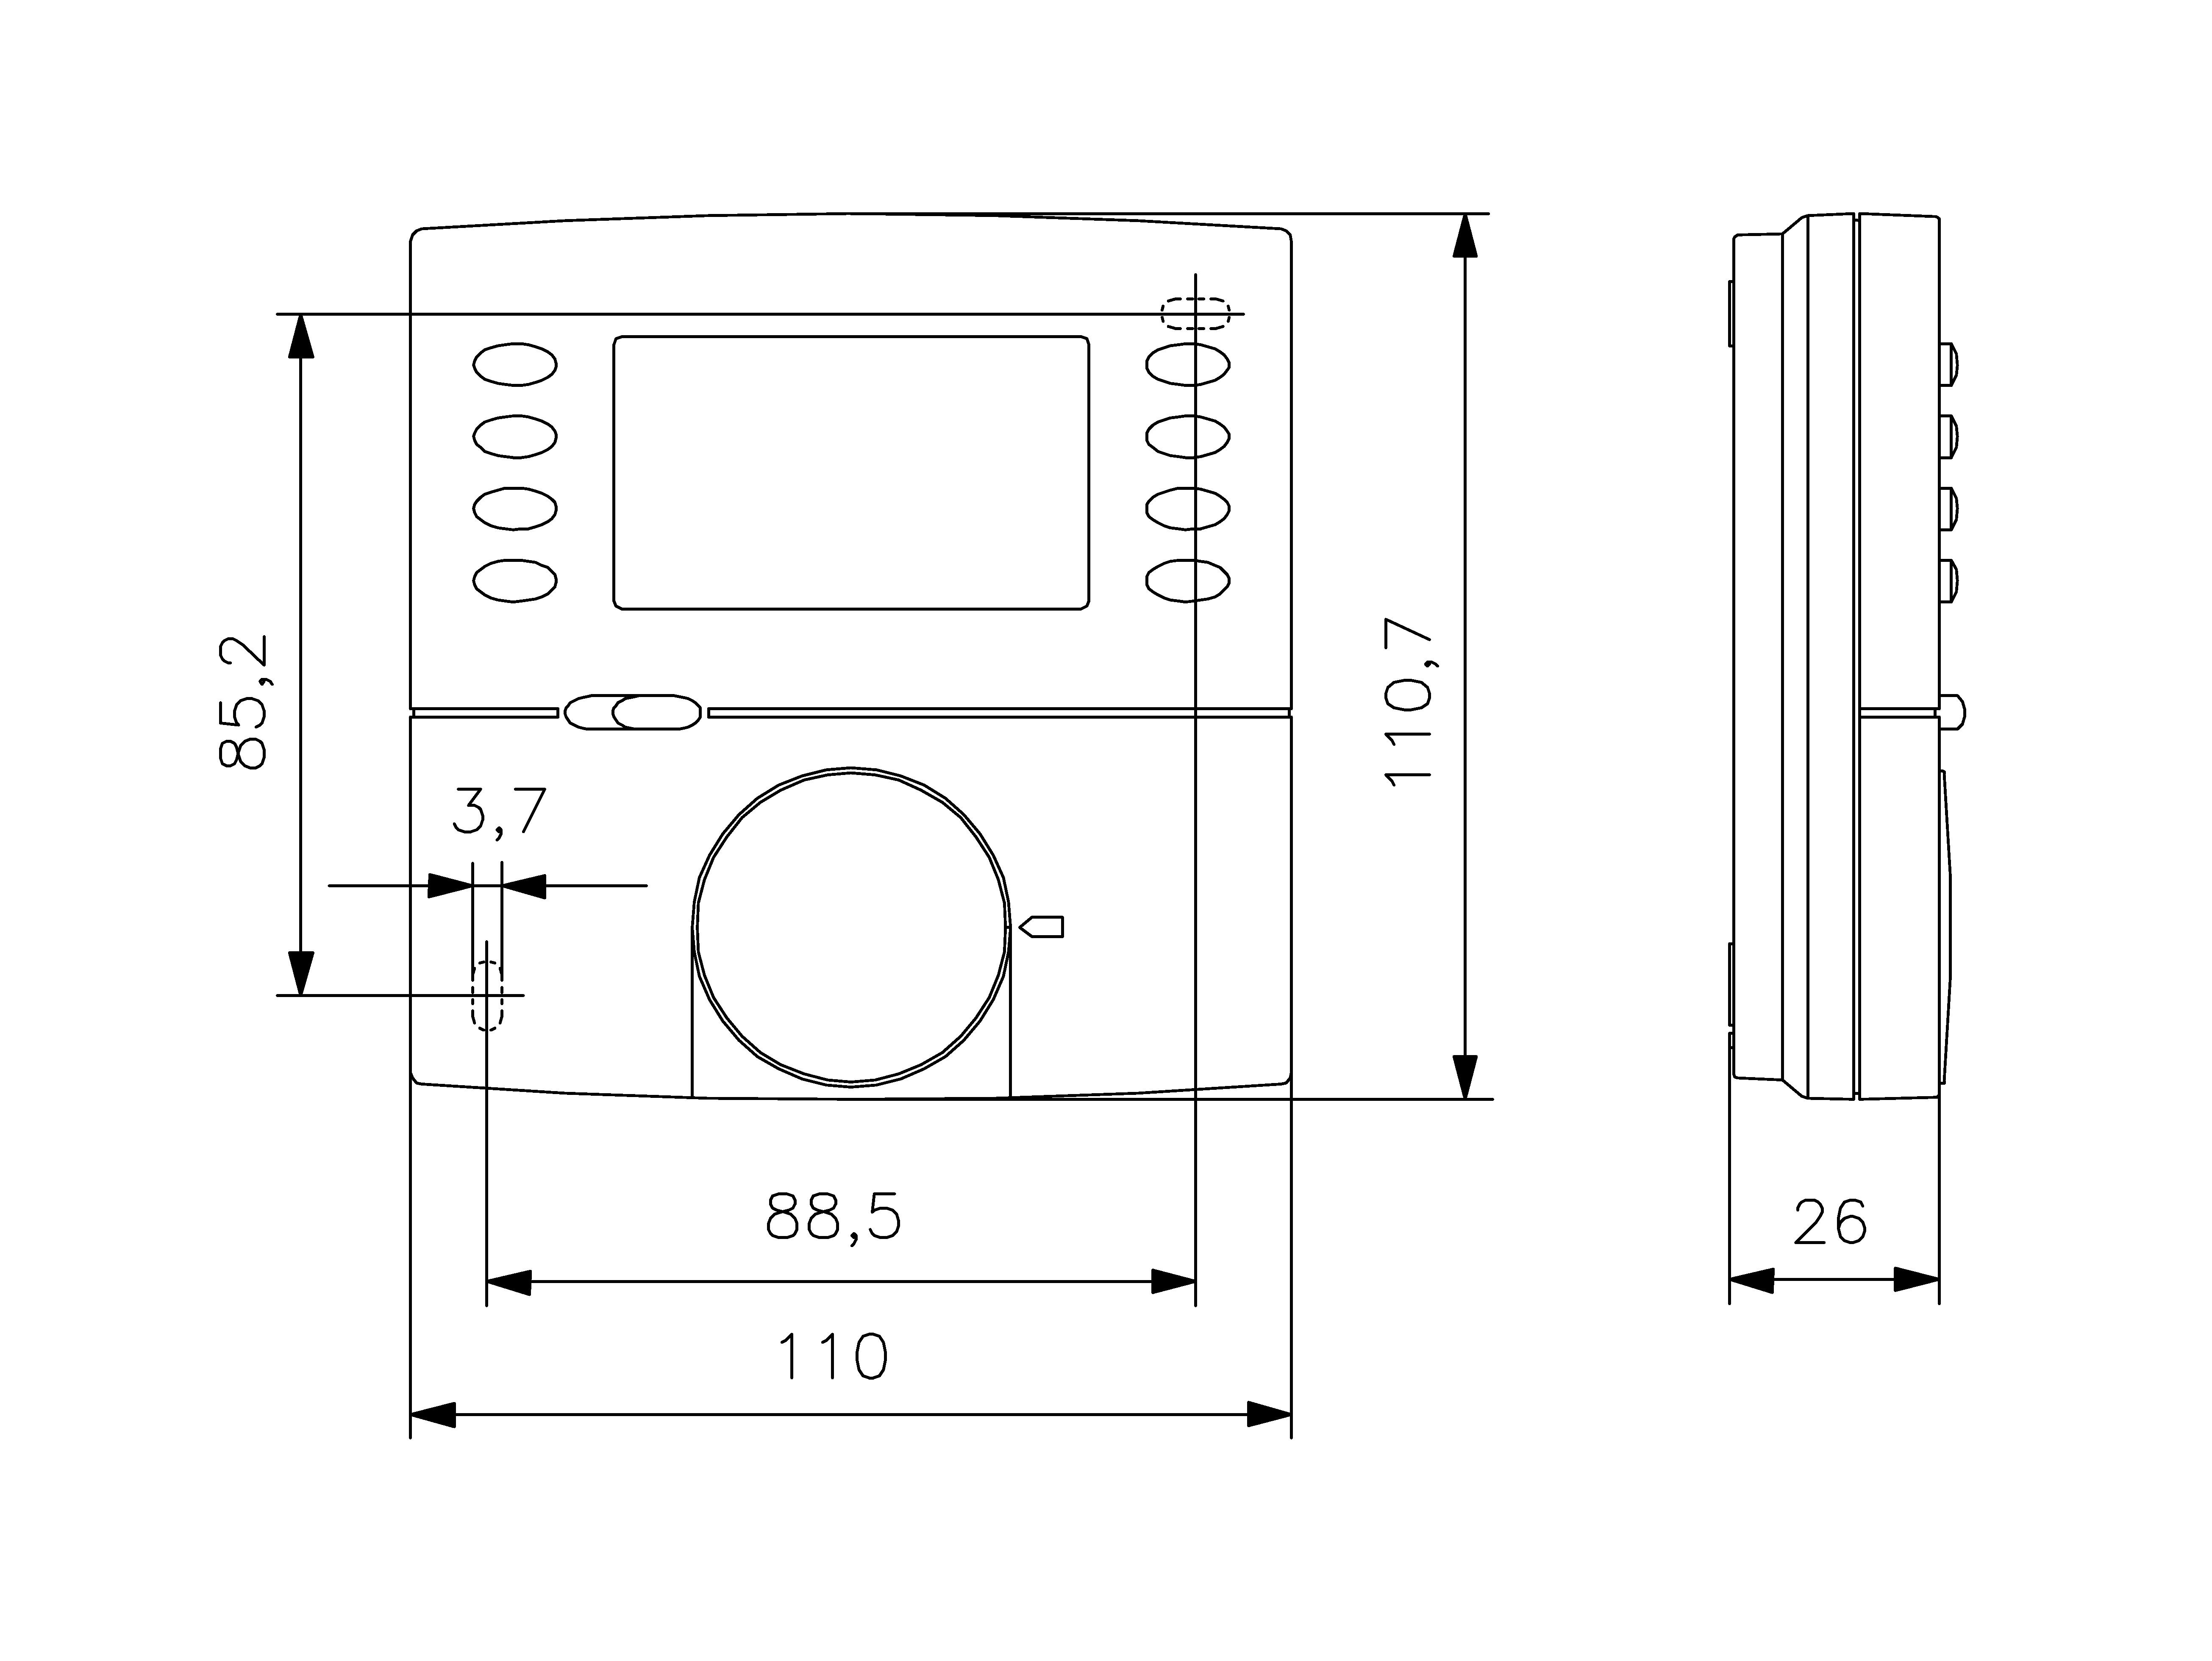 BA010201 Circuit diagram